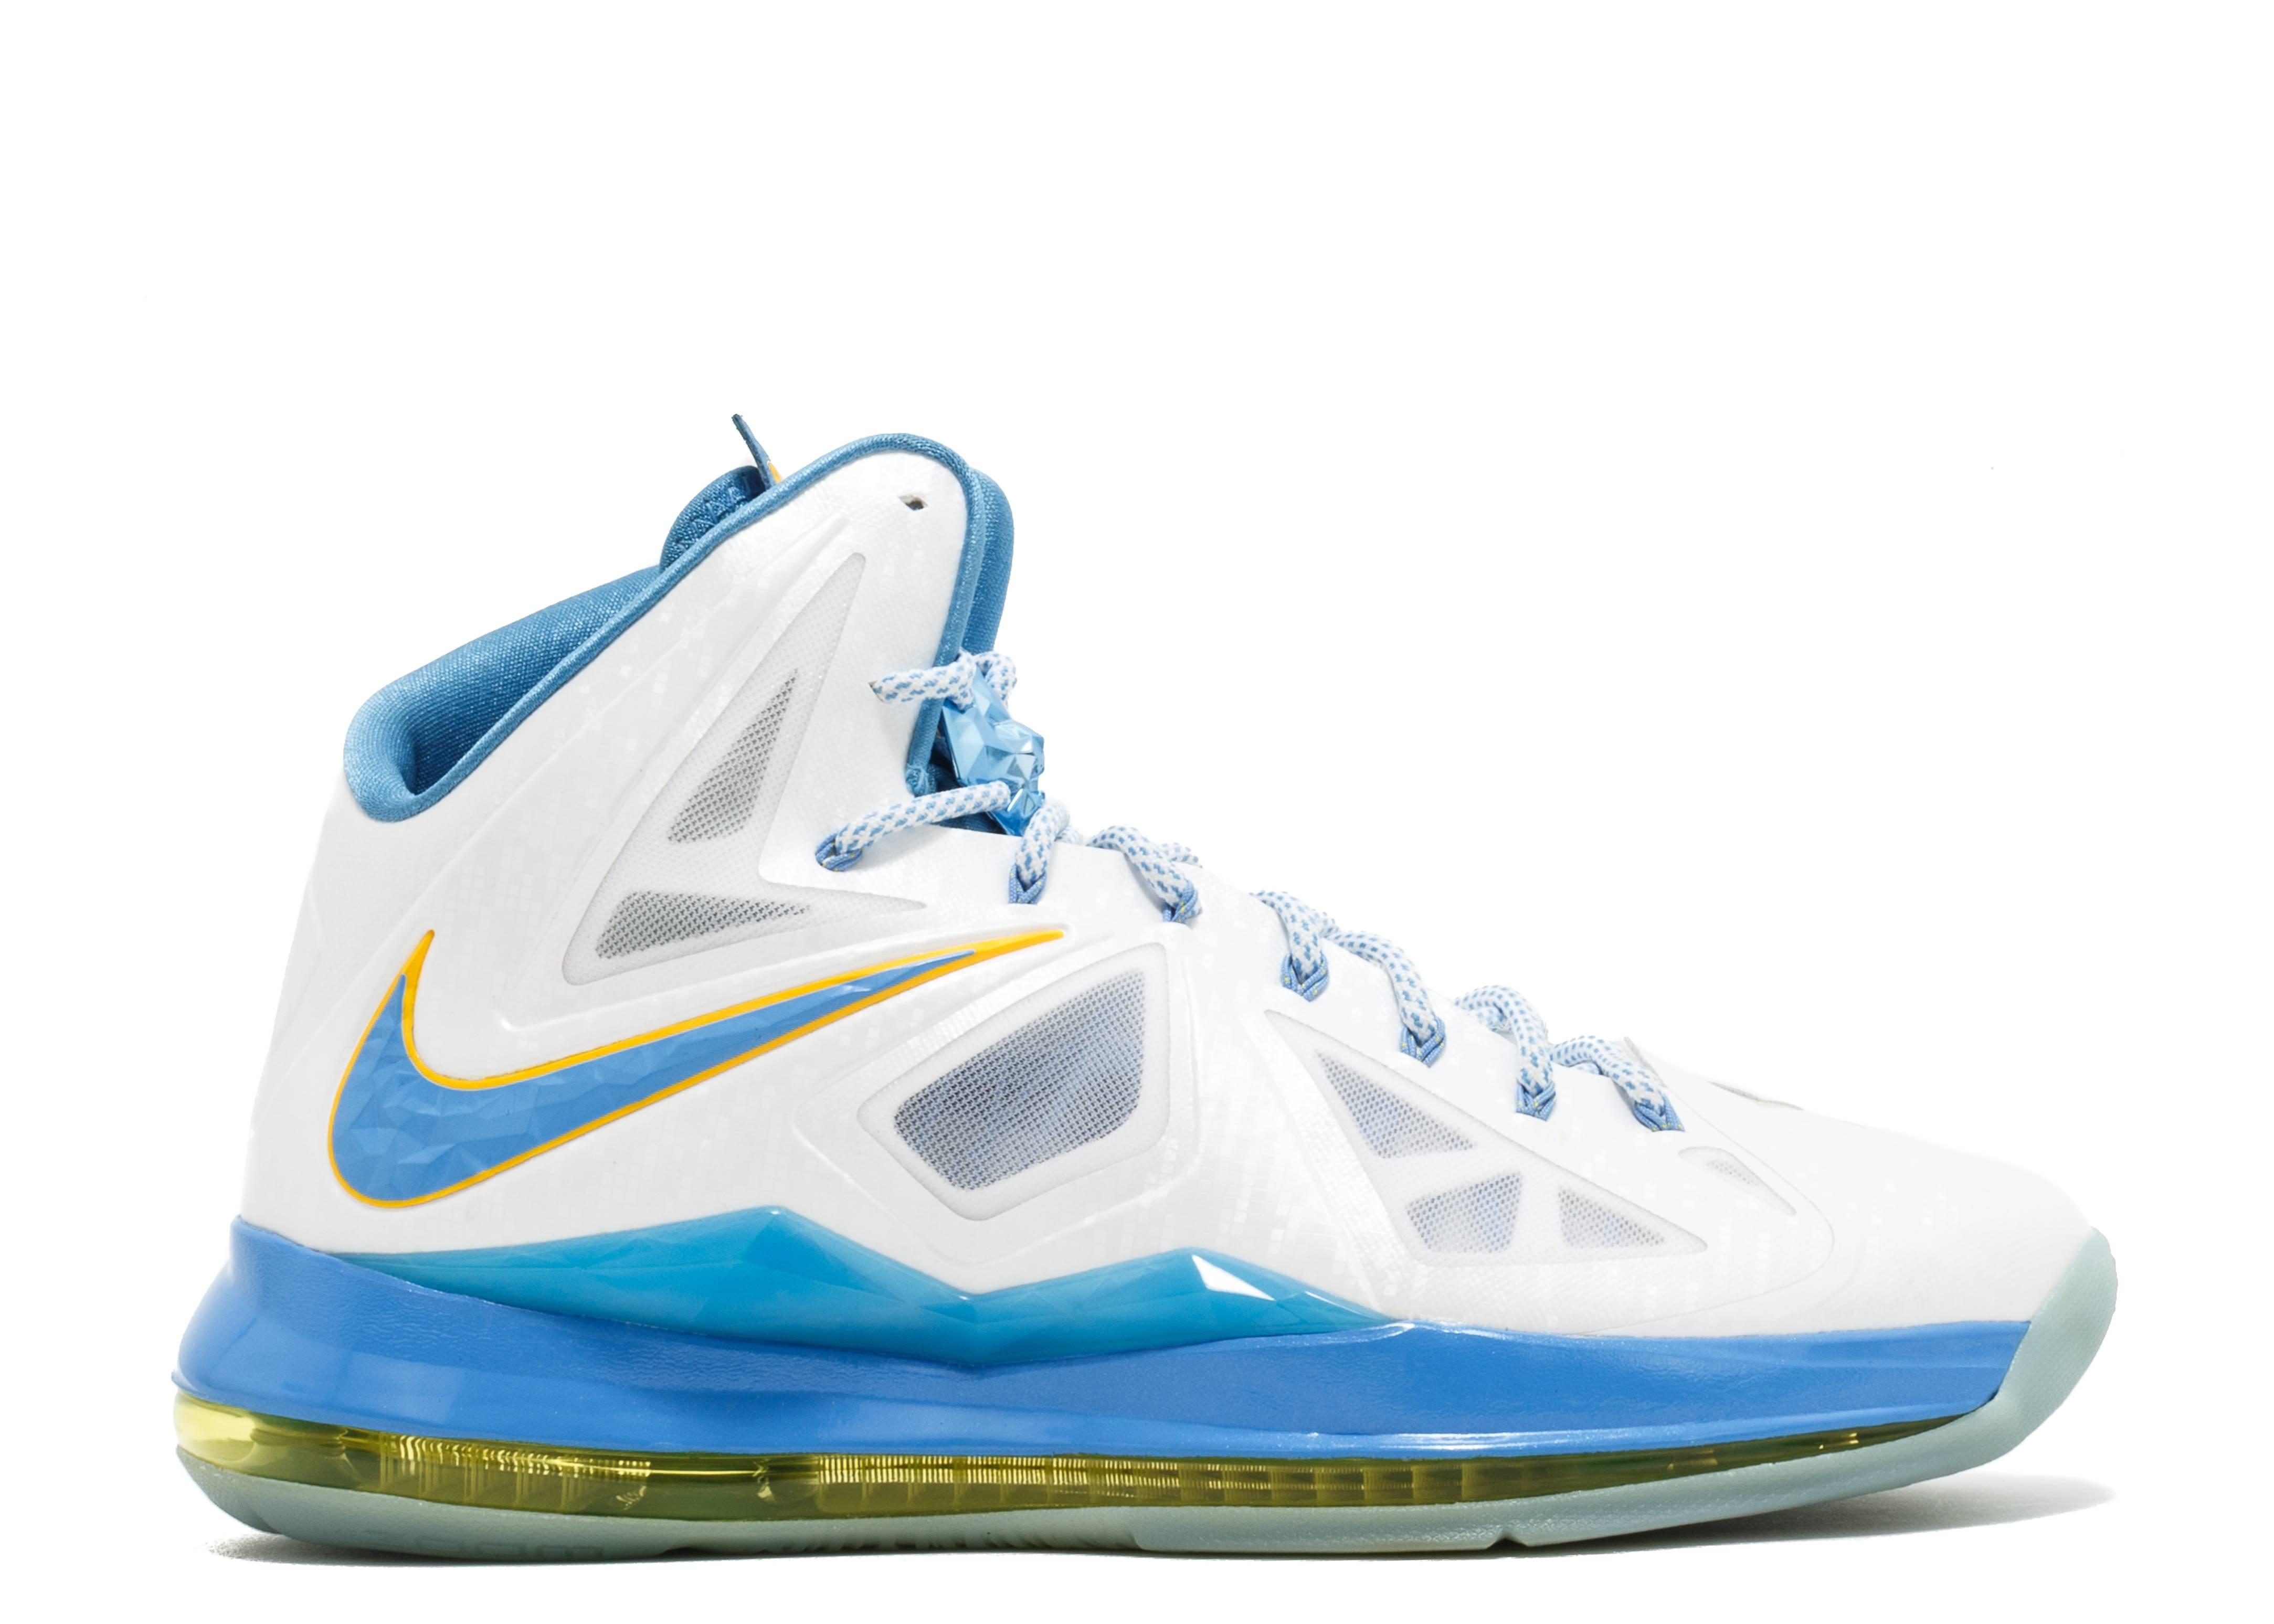 """Nike Lebron 10 Pe """"swin Cash """"home"""""""" - Nike ..."""